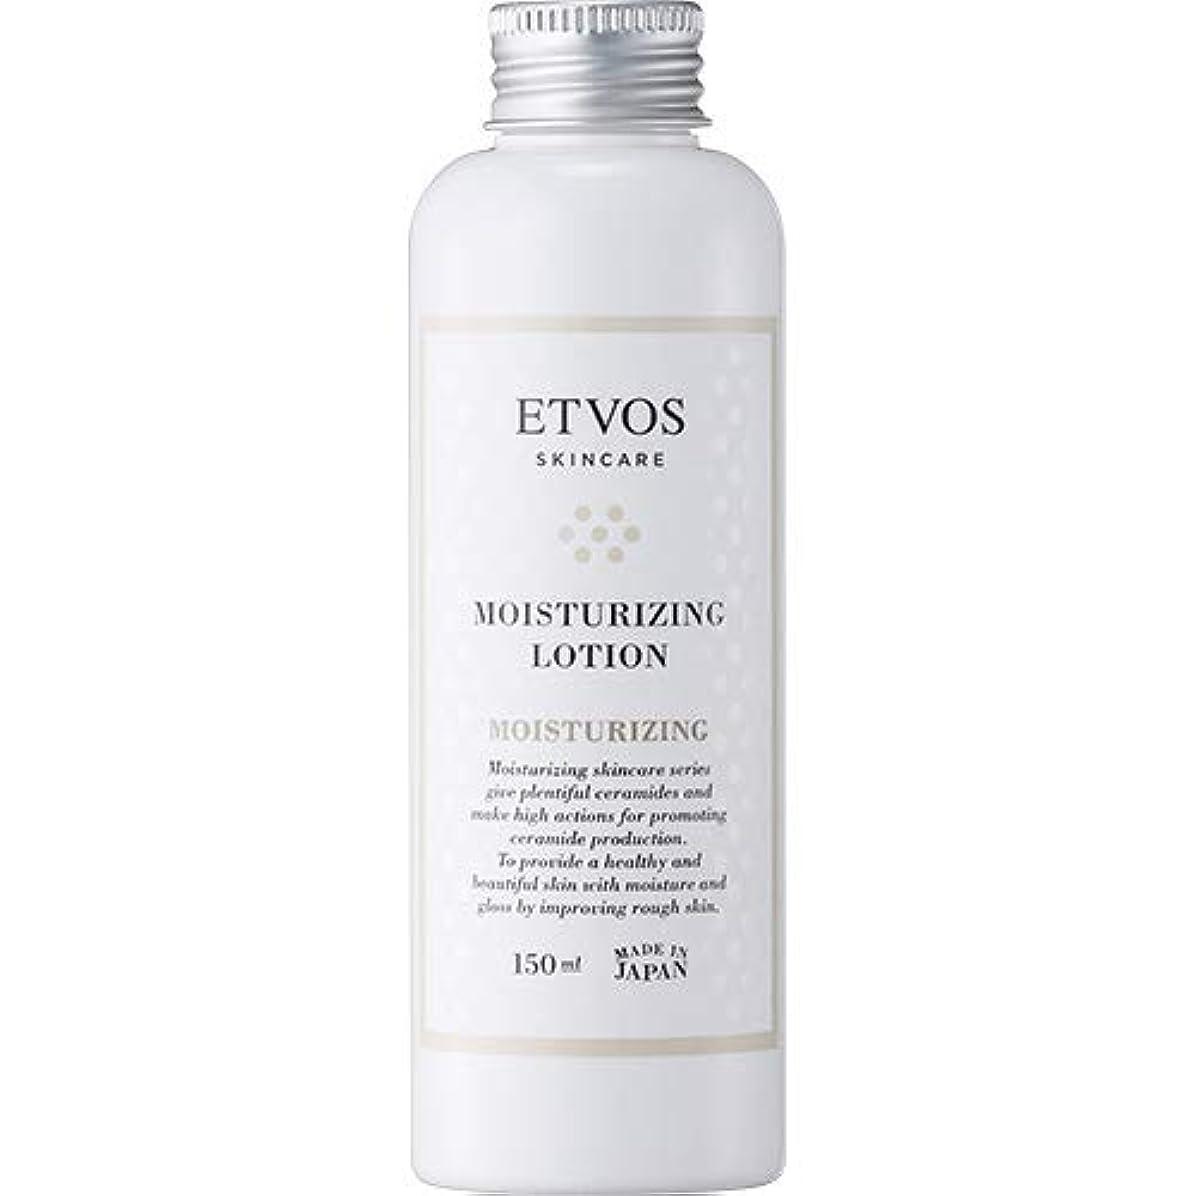 キャプテンブライ限られた合唱団ETVOS(エトヴォス) 保湿化粧水 モイスチャライジングローション 150ml セラミド 乾燥肌 パラベンフリー